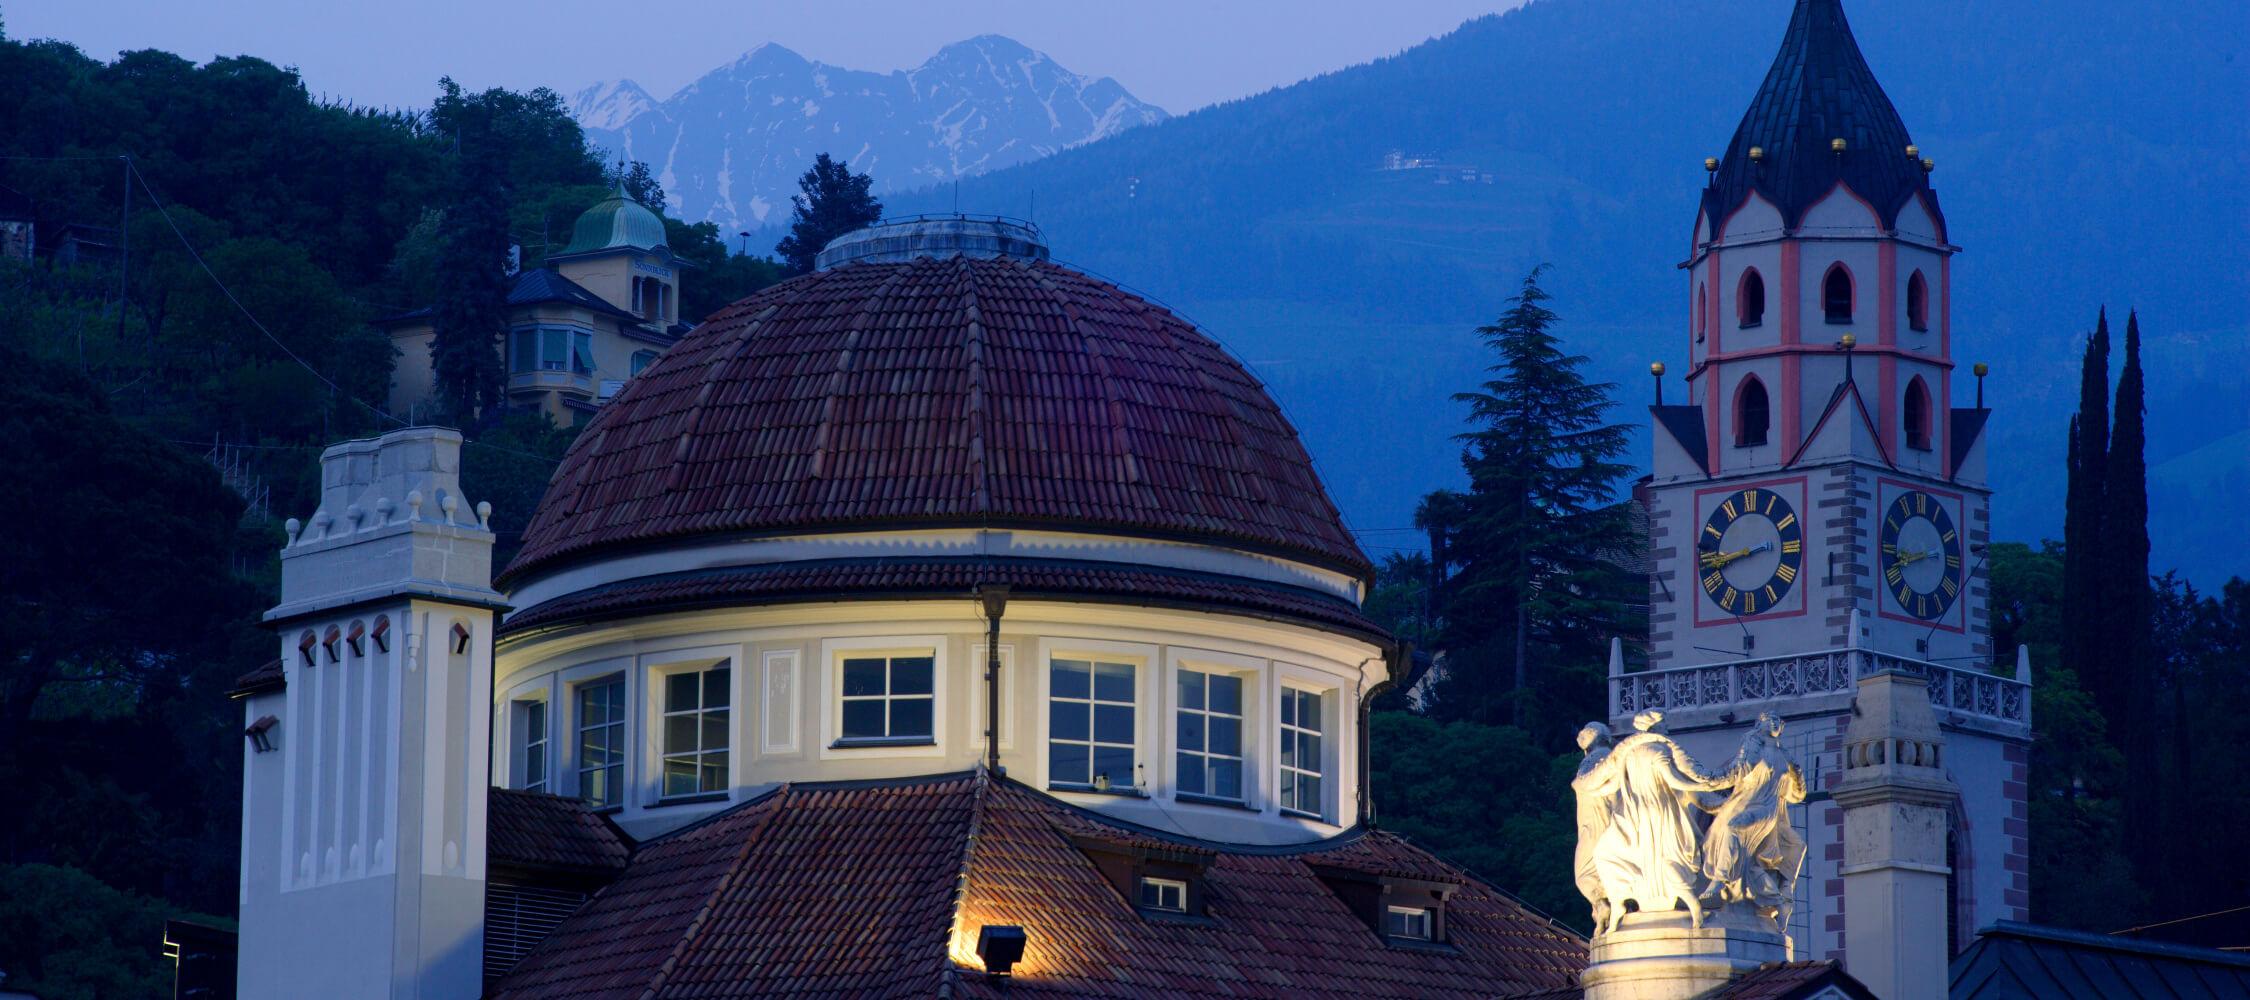 Italien-Trentino_Suedtirol_Alto_Adige_Merano_Meran_Besichtigen_Kultur_Altstadt_Kurhaus_Abend_Nacht_MGM-Frieder-Blickle_mgm00019frbl_2250x1000